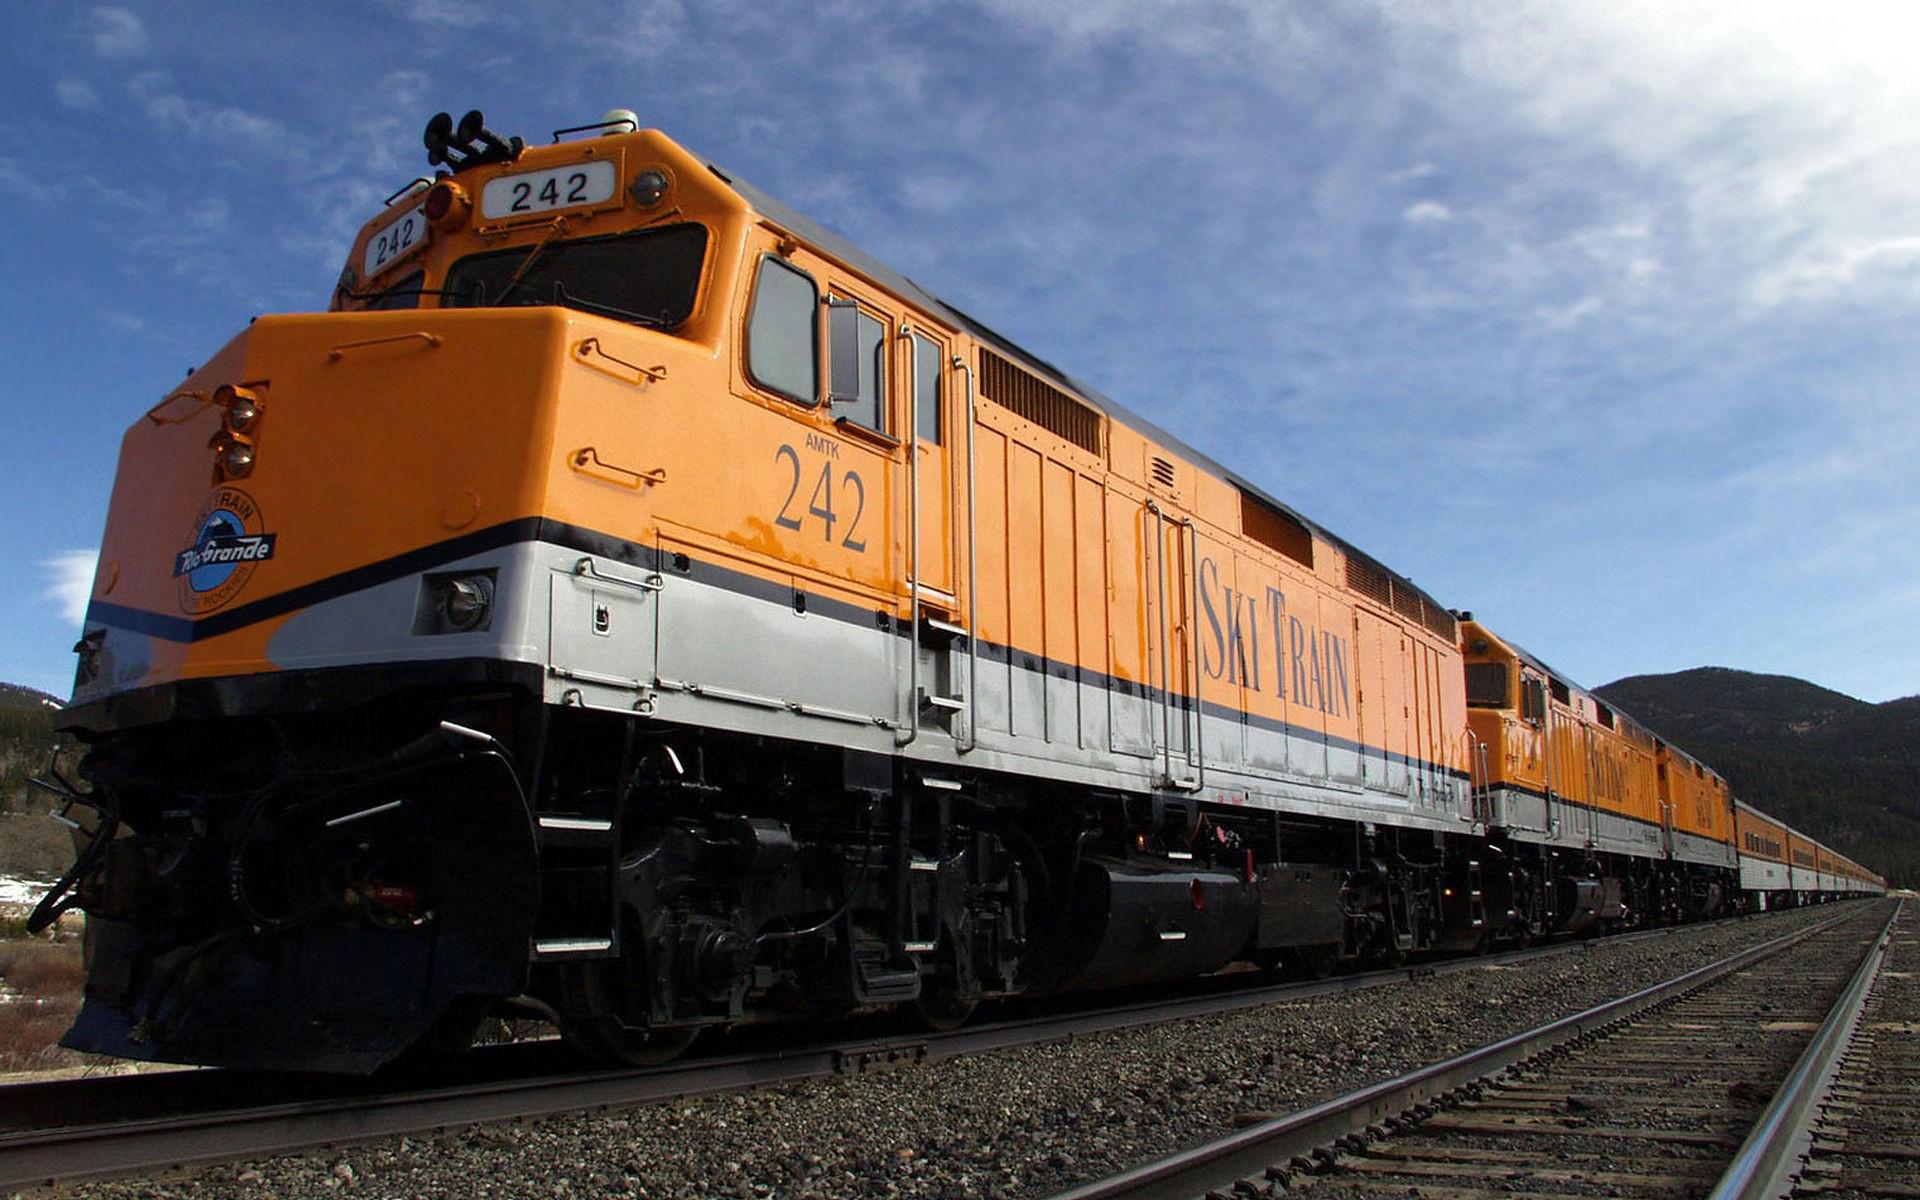 Железнодорожный грузовой транспорт фотографии 3